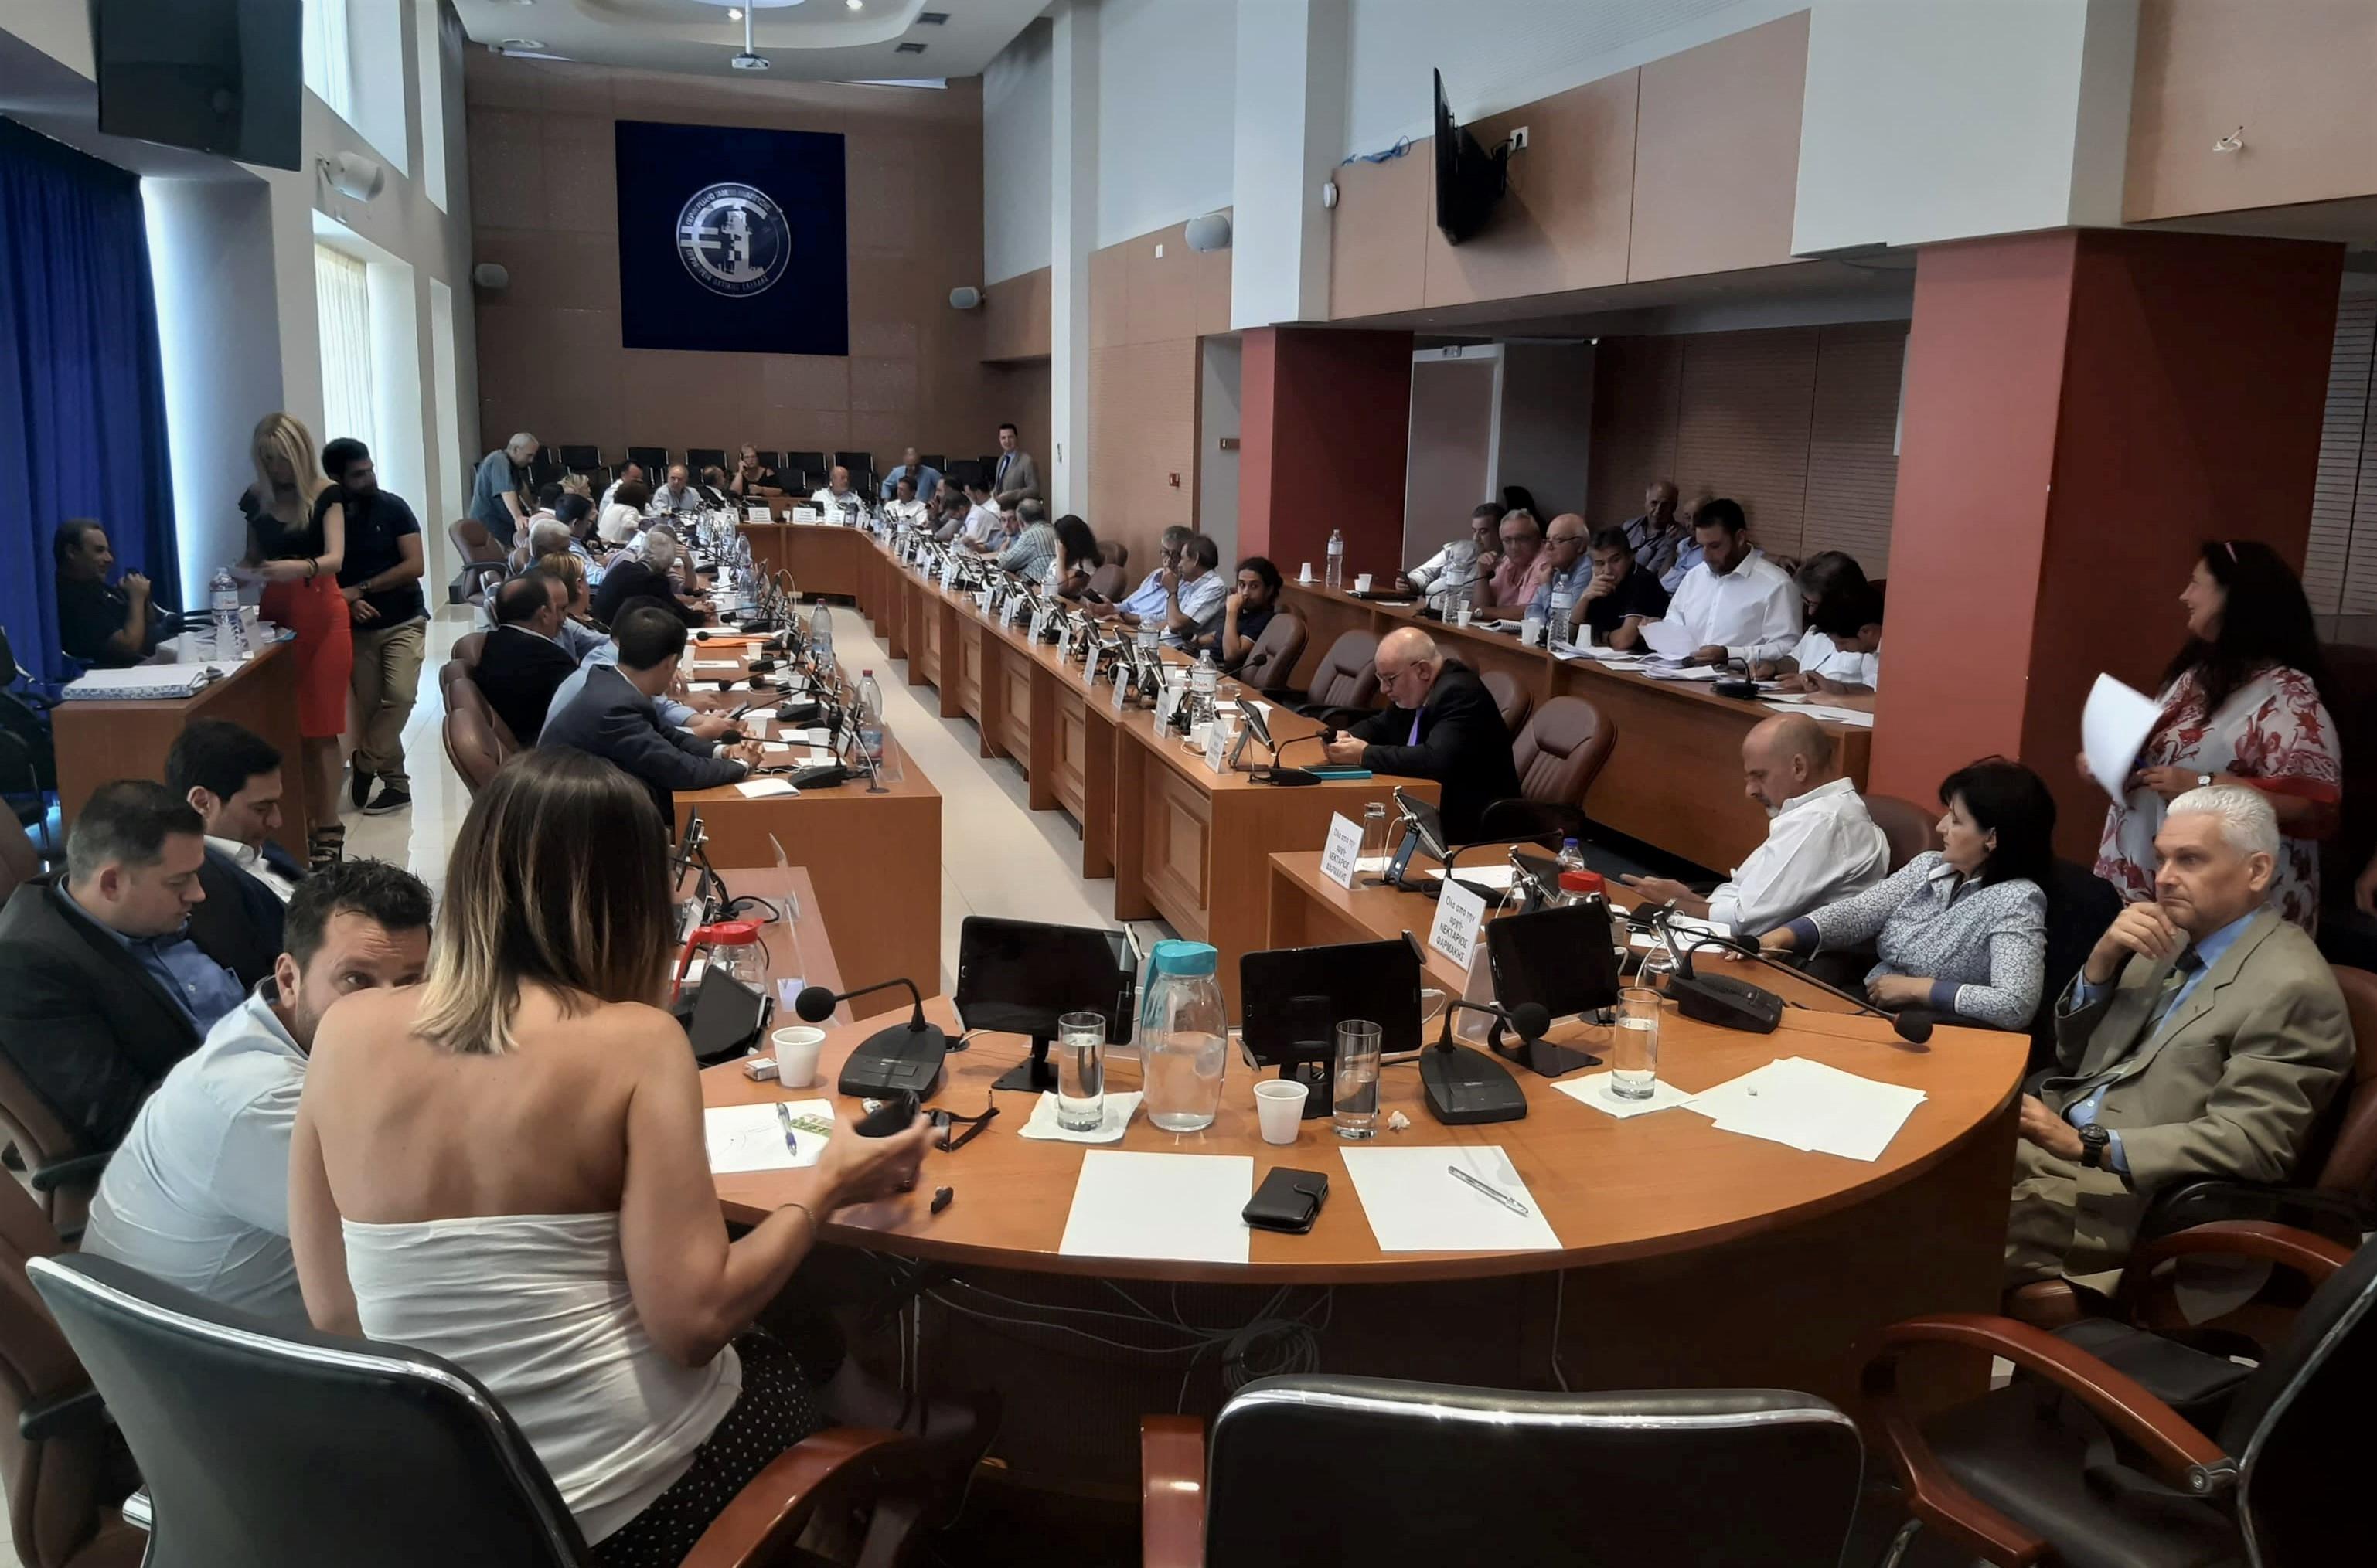 Ο Παναγιώτης (Τάκης) Παπαδόπουλος νέος πρόεδρος του Περιφερειακού Συμβουλίου Δυτικής Ελλάδας – Εκλέχτηκε η νέα Οικονομική Επιτροπή (Photos)